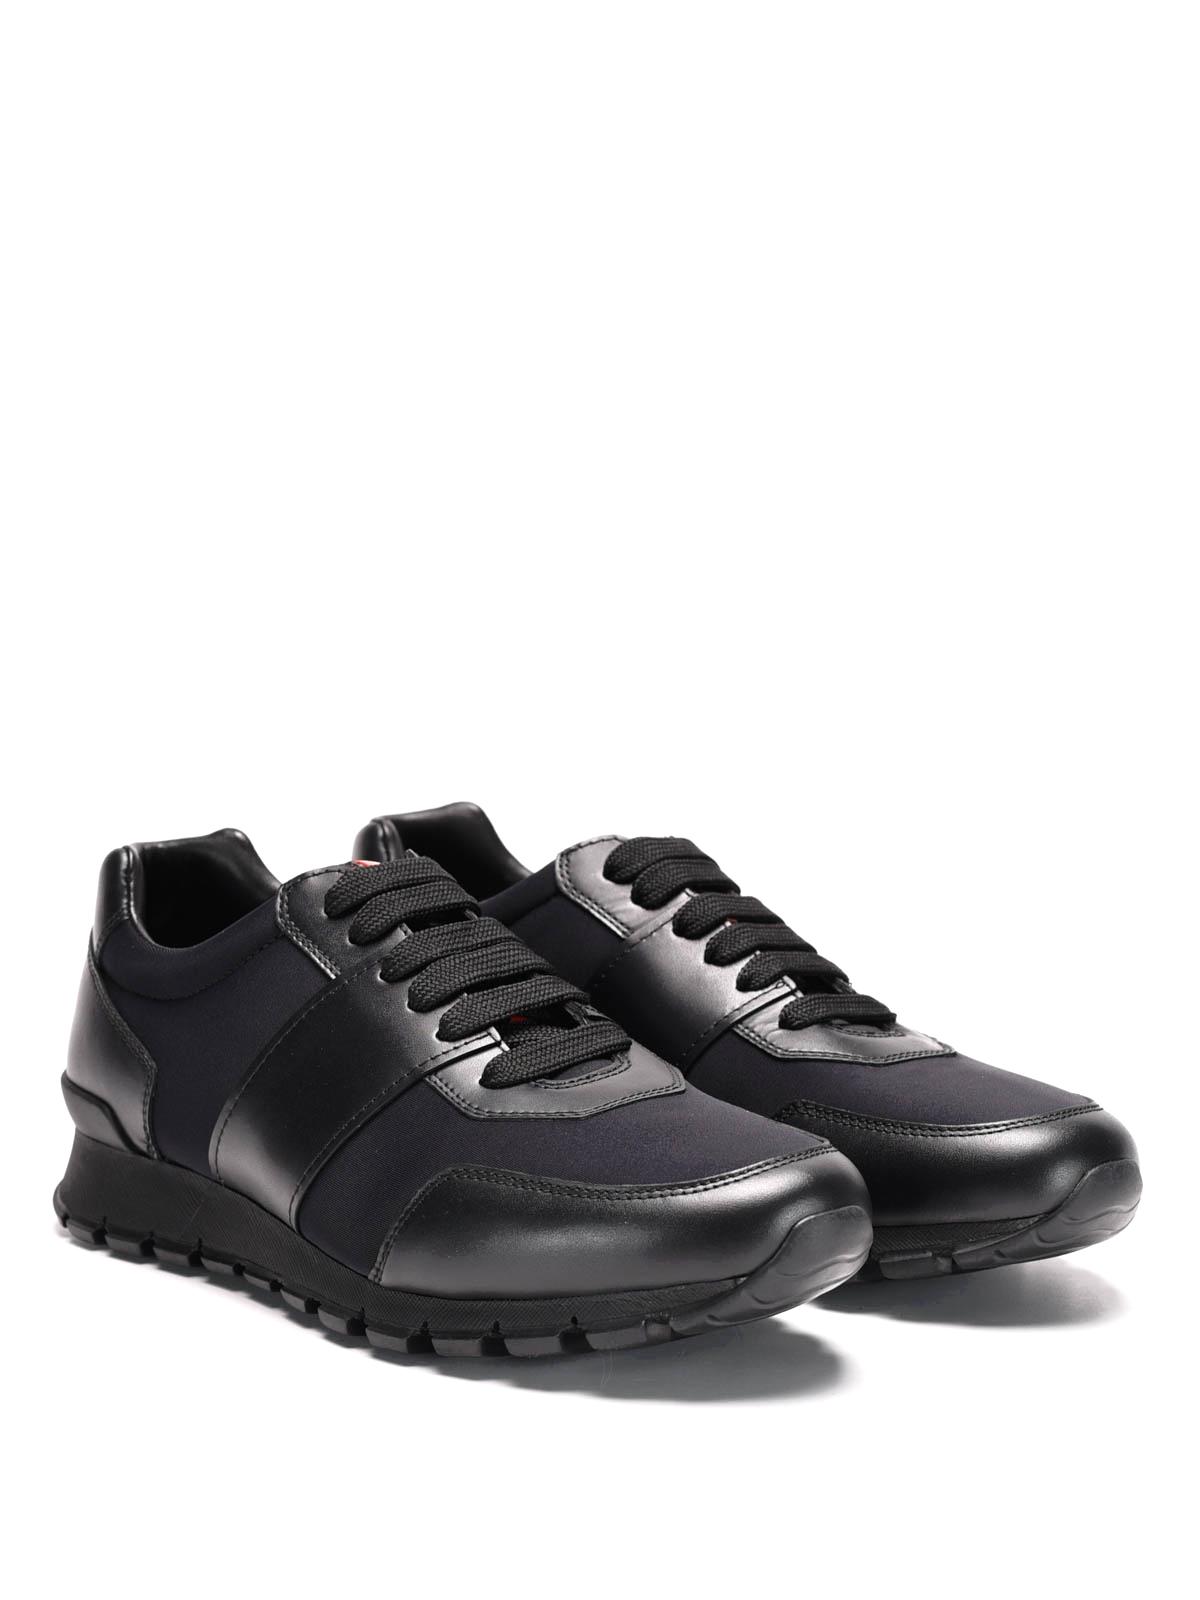 Chaussures De Sport En Néoprène Prada 7W6OJ